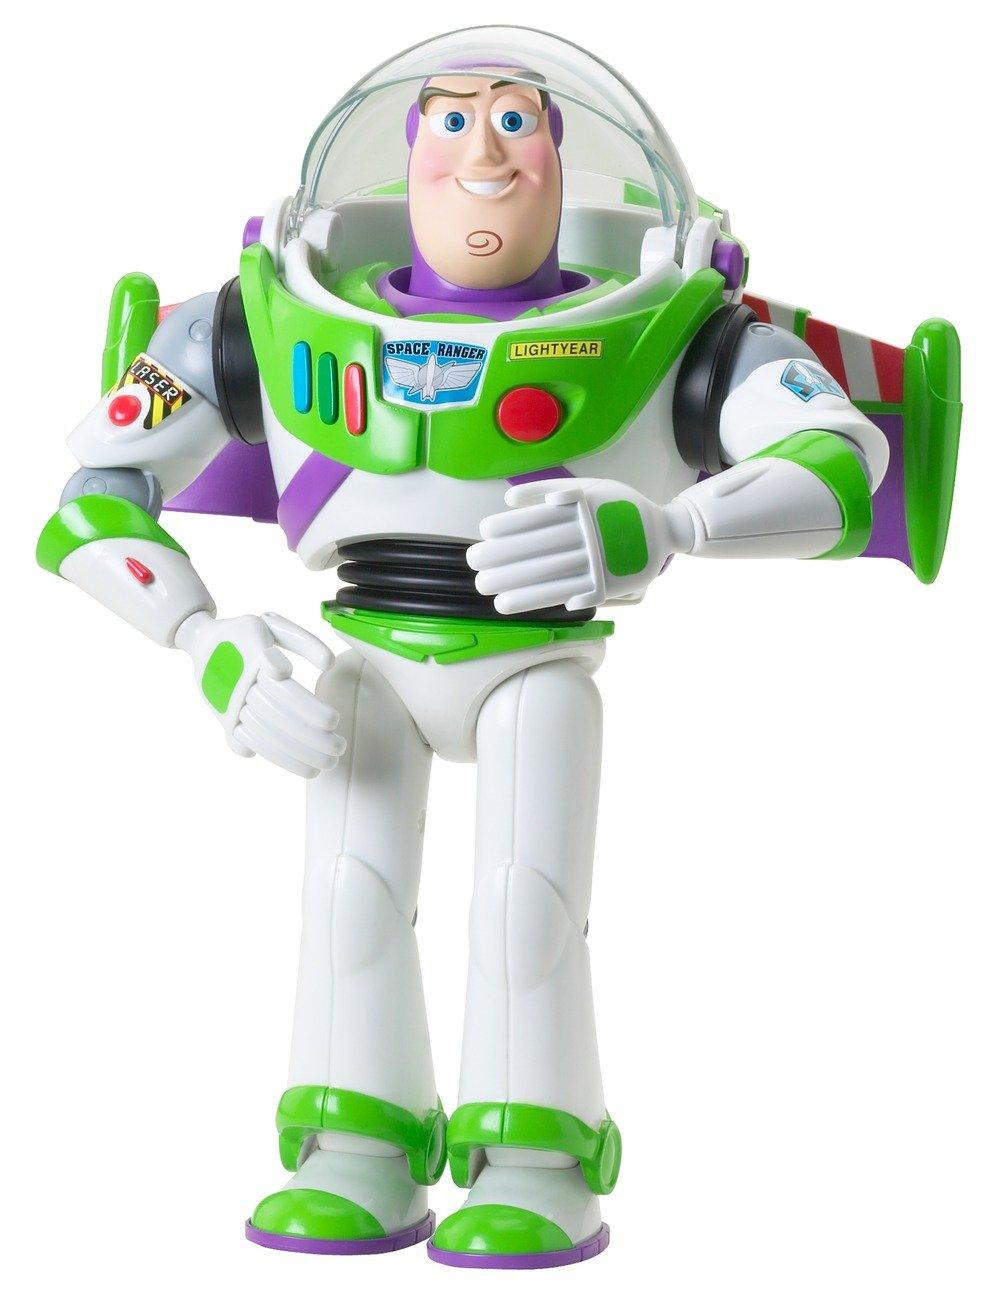 Toy Story - Buzz Lightyear articulado (Mattel R7216): Amazon.es: Juguetes y juegos